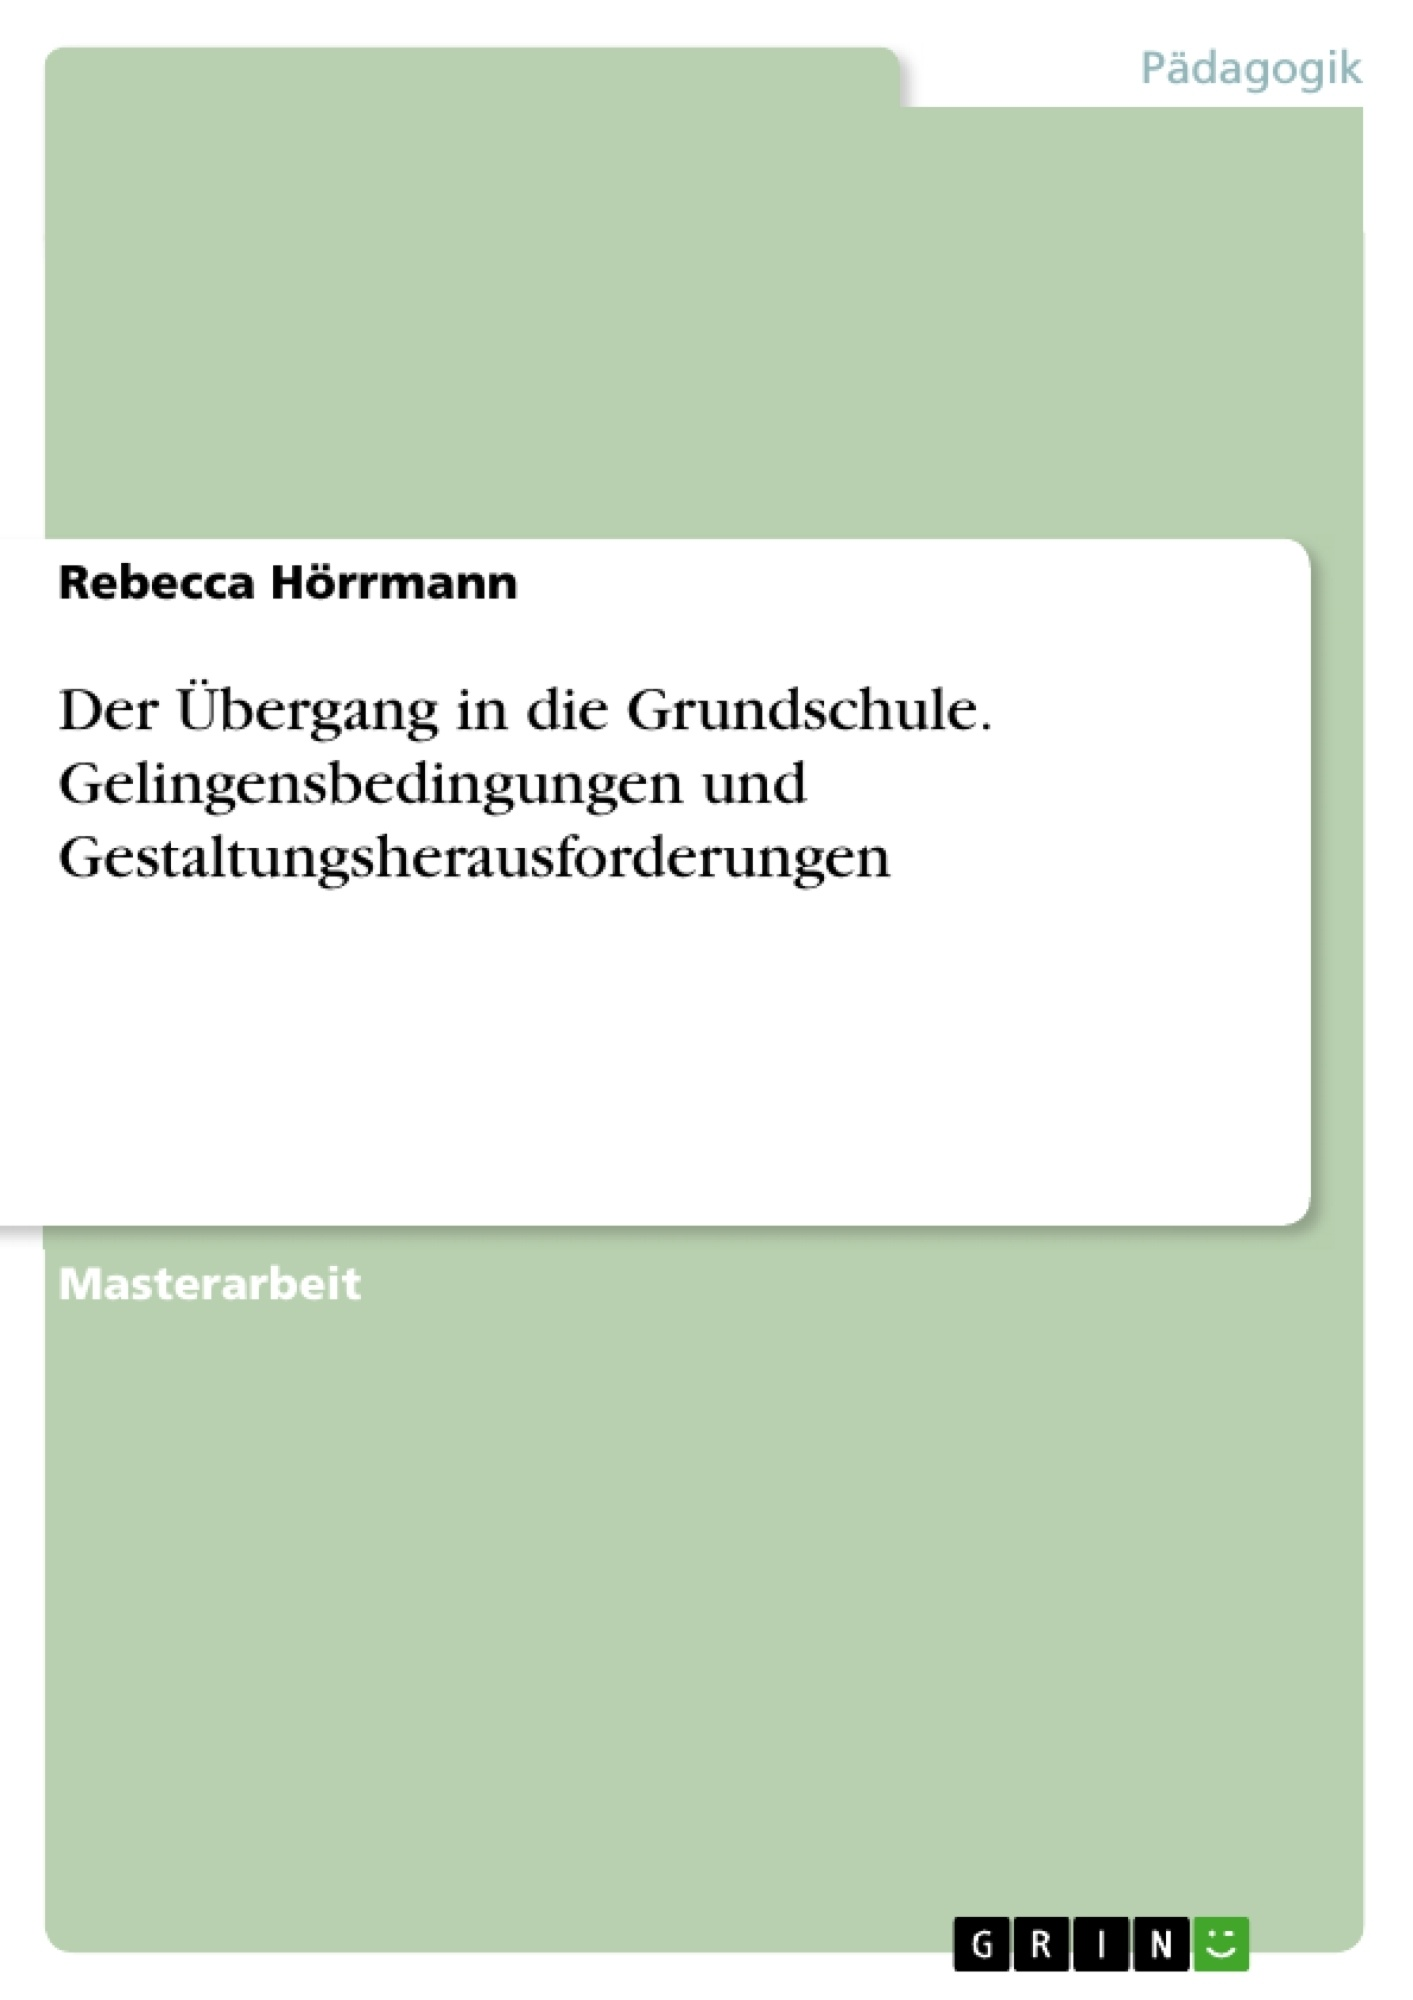 Titel: Der Übergang in die Grundschule. Gelingensbedingungen und Gestaltungsherausforderungen